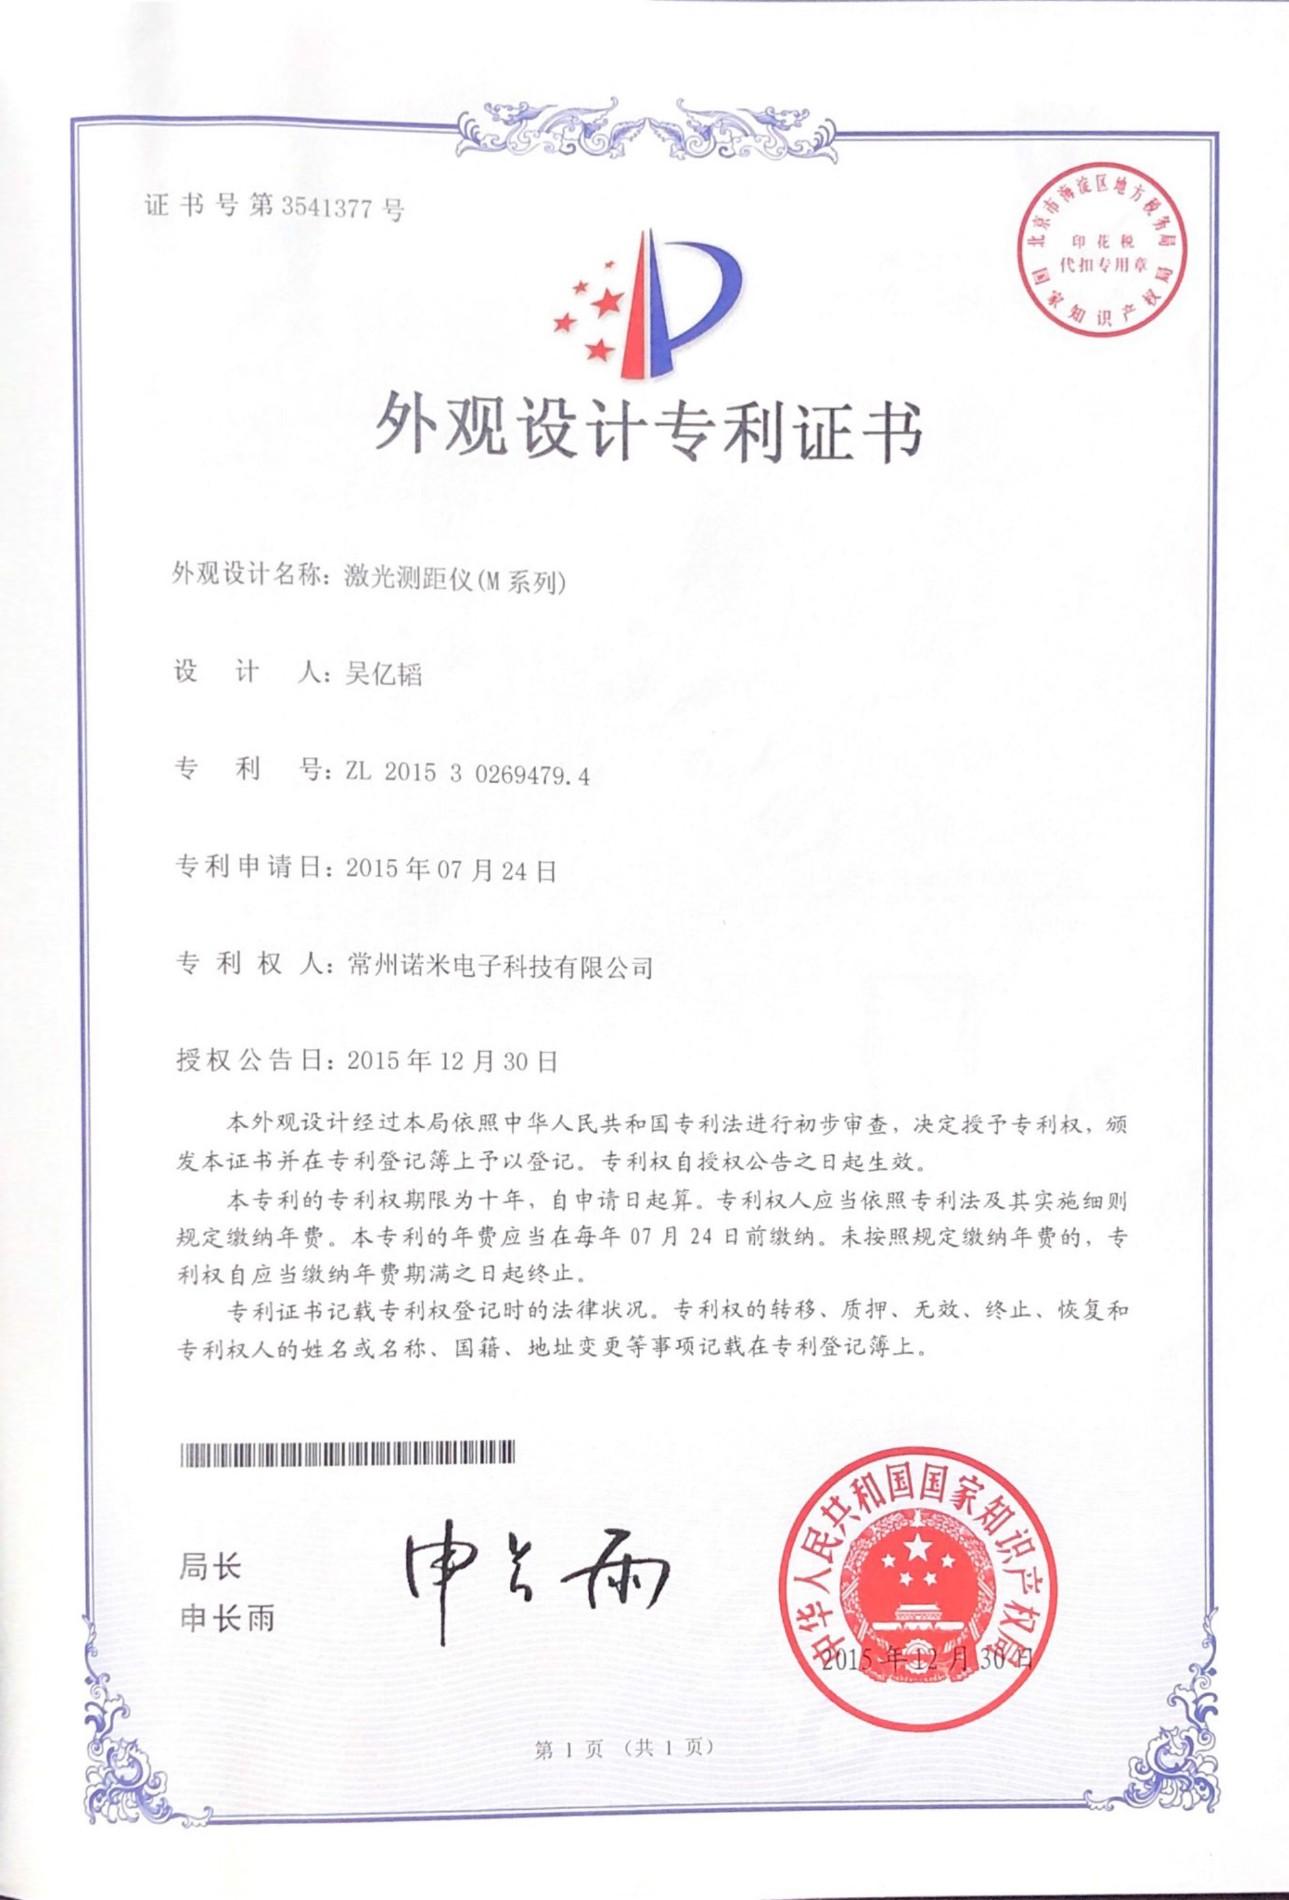 Apariencia diseño certificado de patente